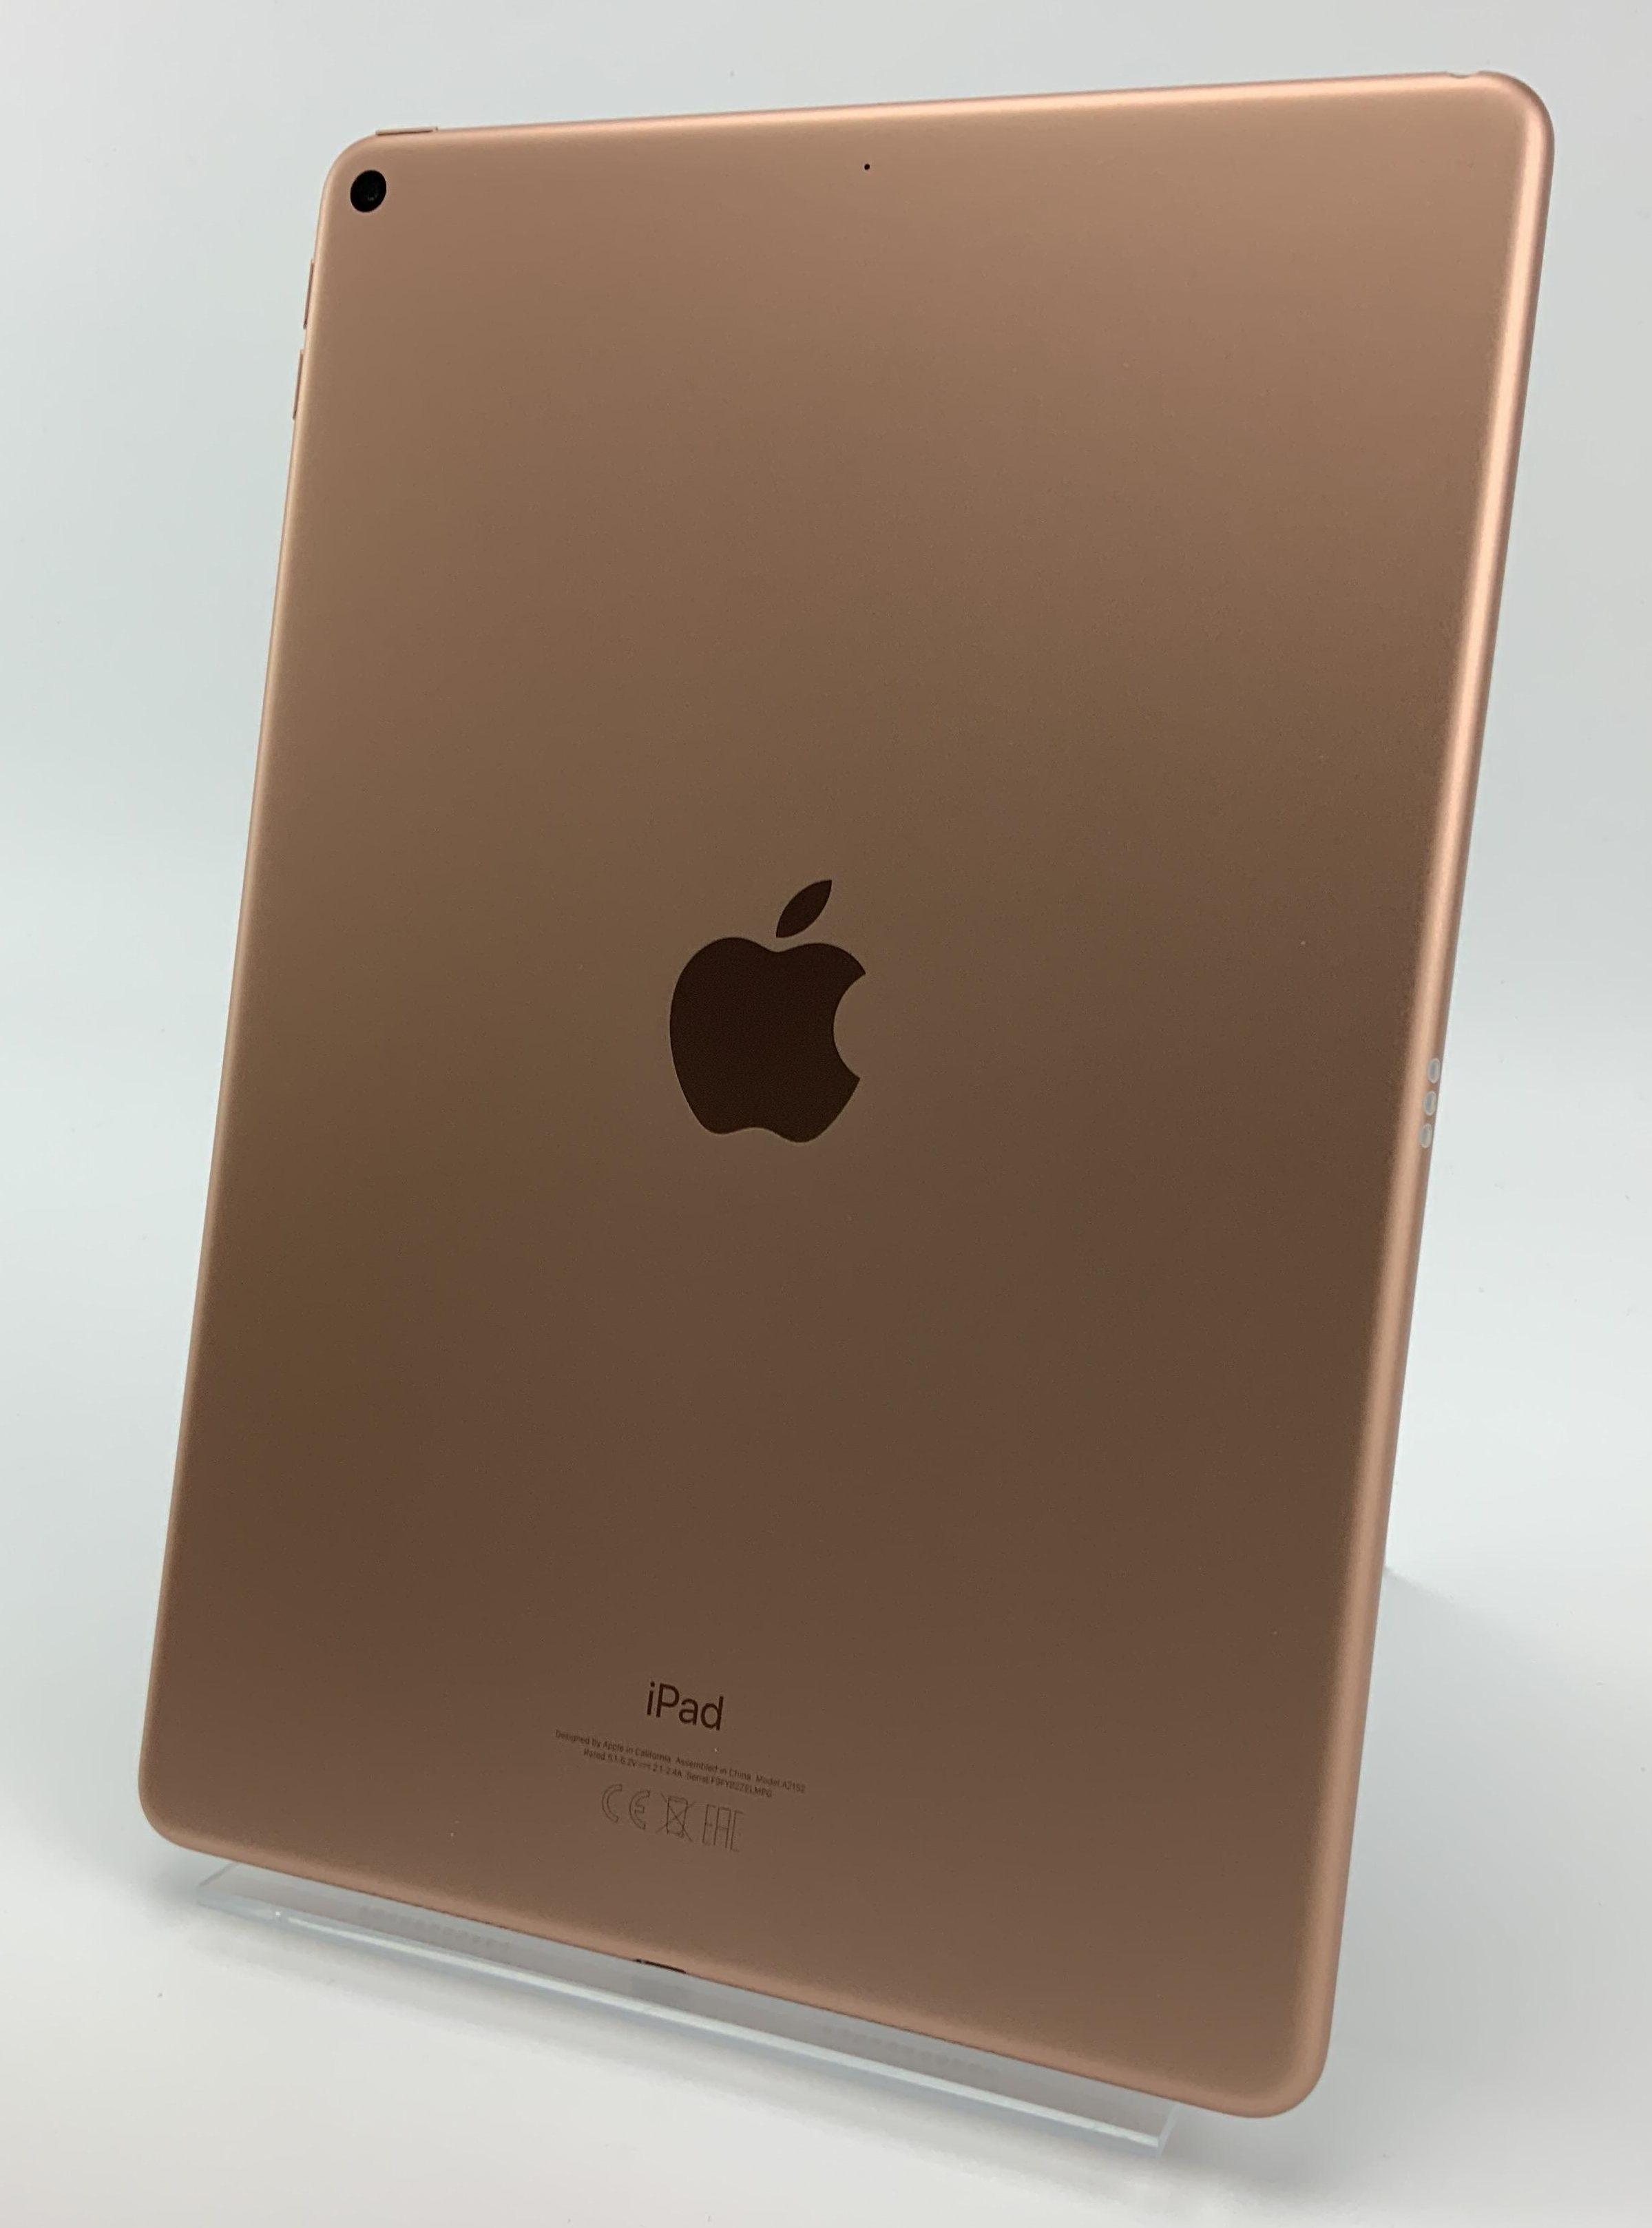 iPad Air 3 Wi-Fi 64GB, 64GB, Gold, imagen 2